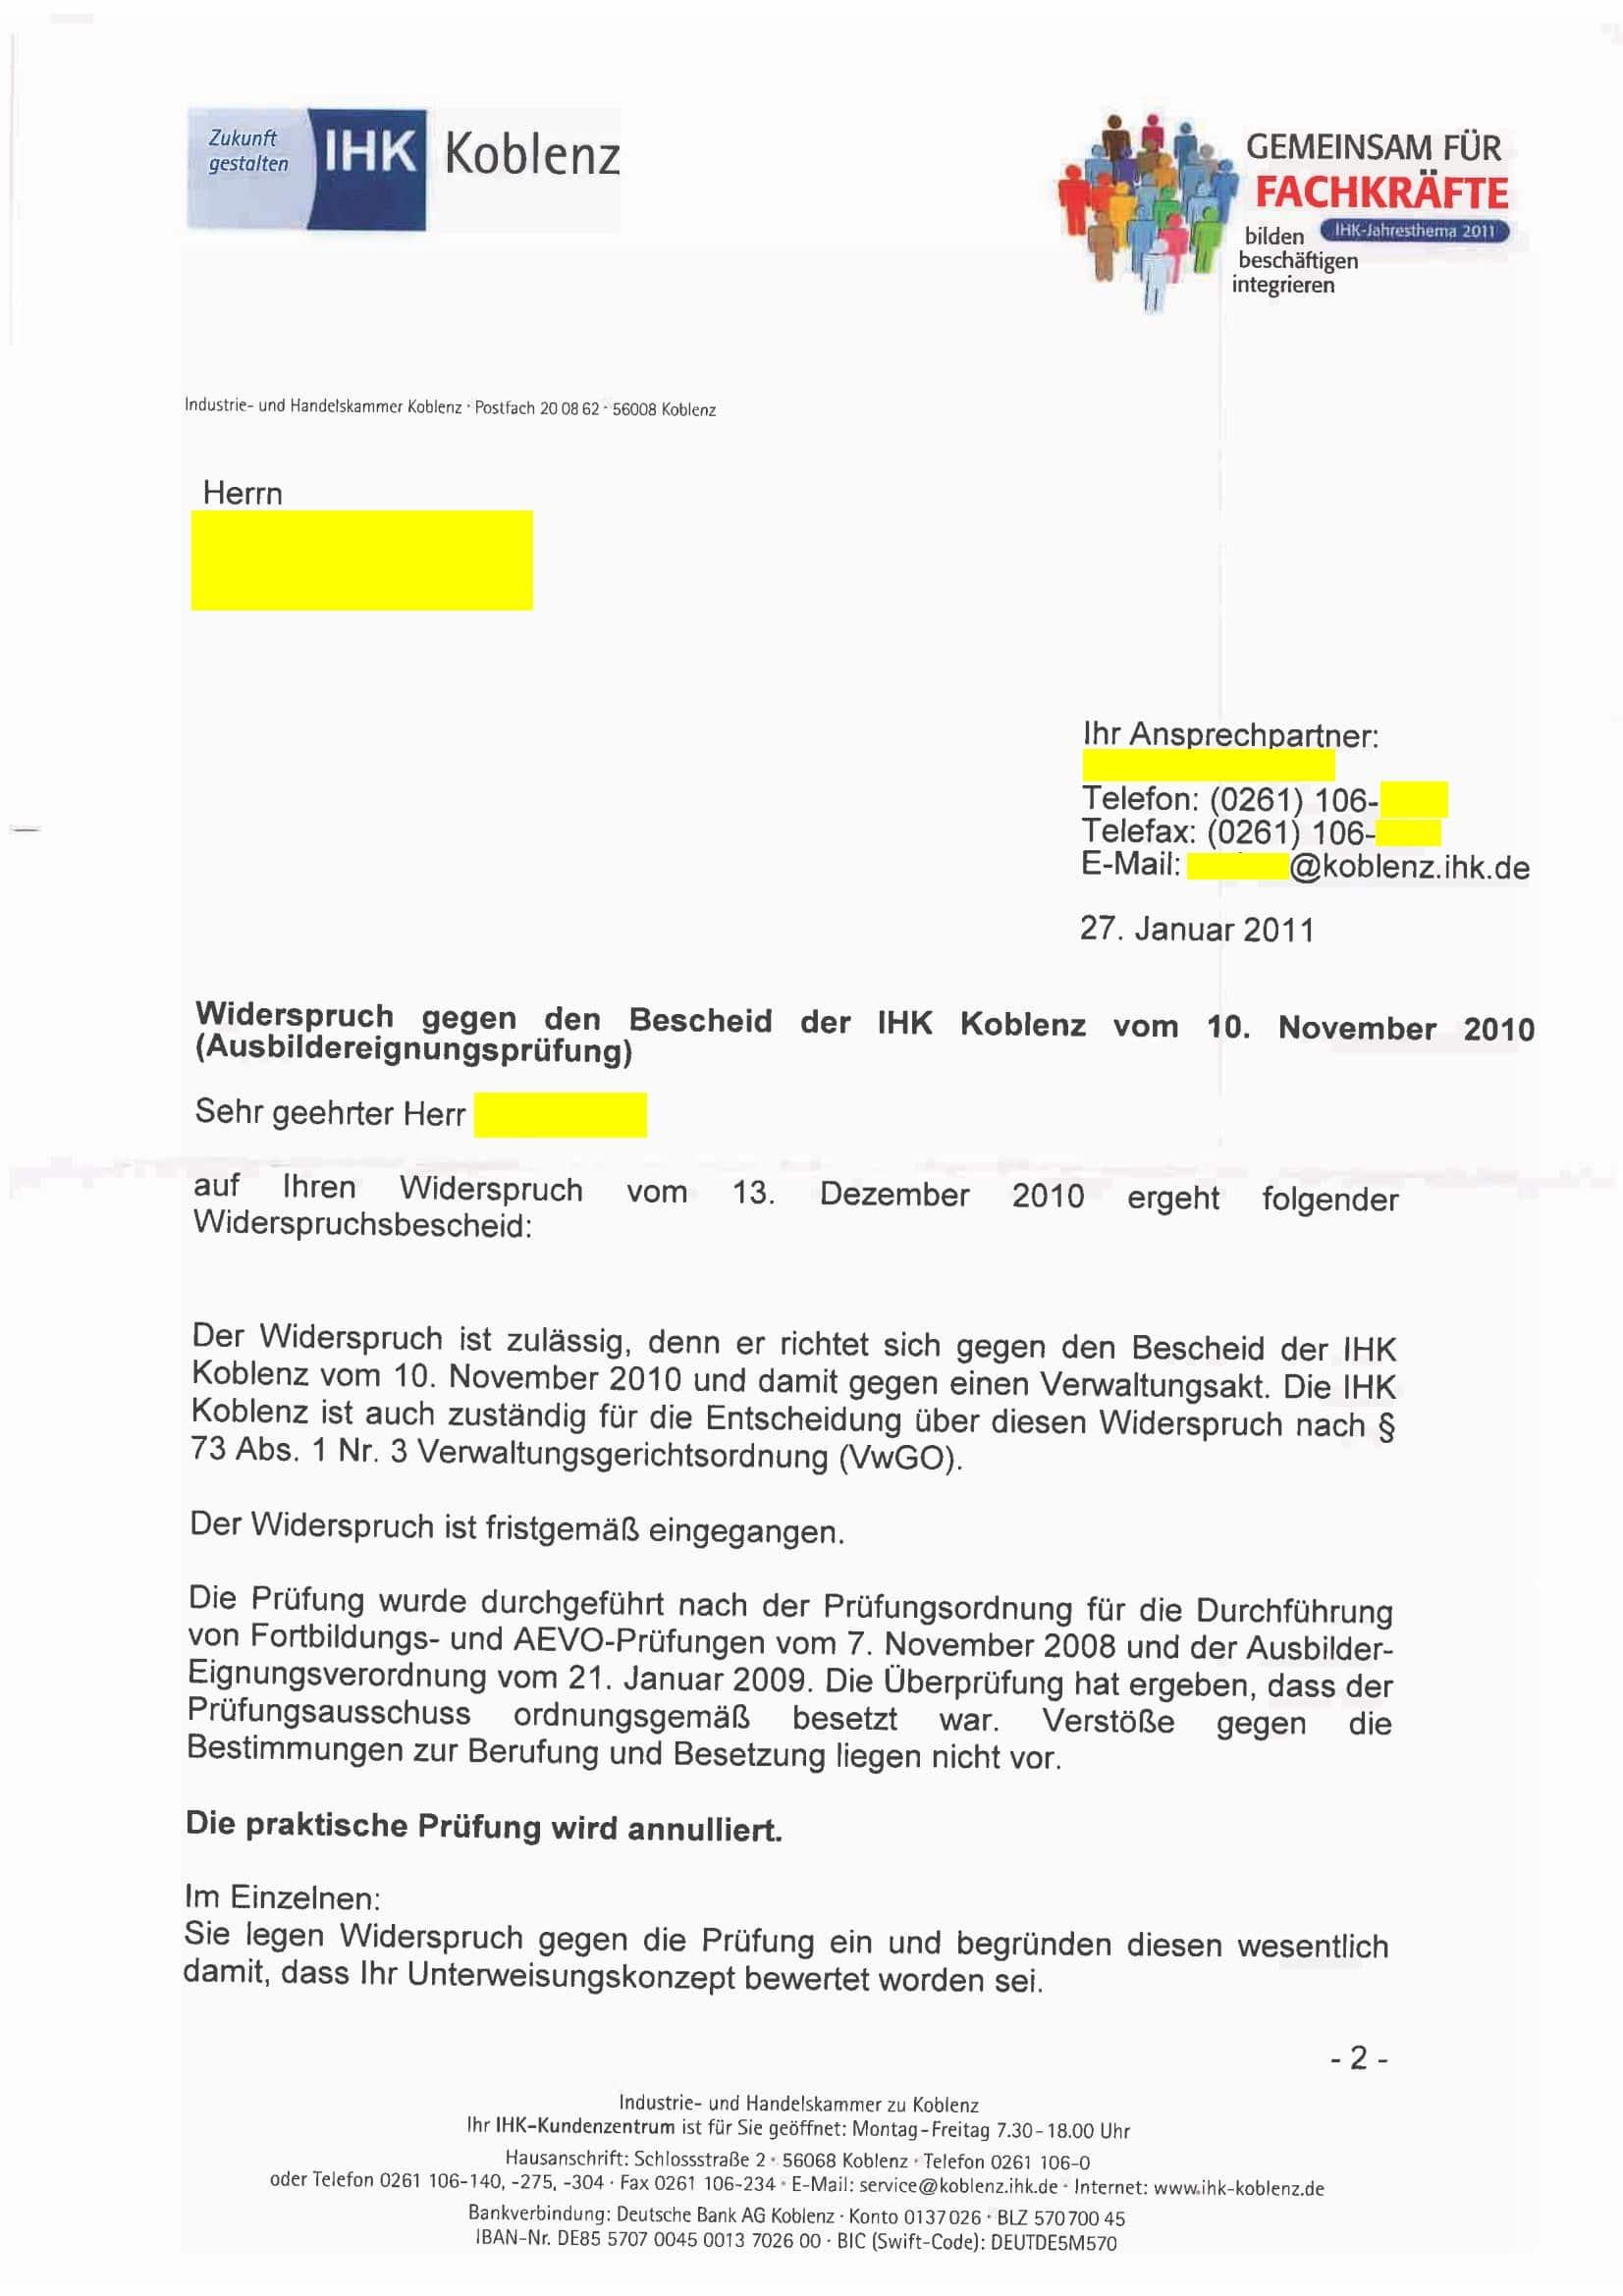 Foto des Briefes der IHK Koblenz nach Widerspruch gegen das Prüfungsergebnis.